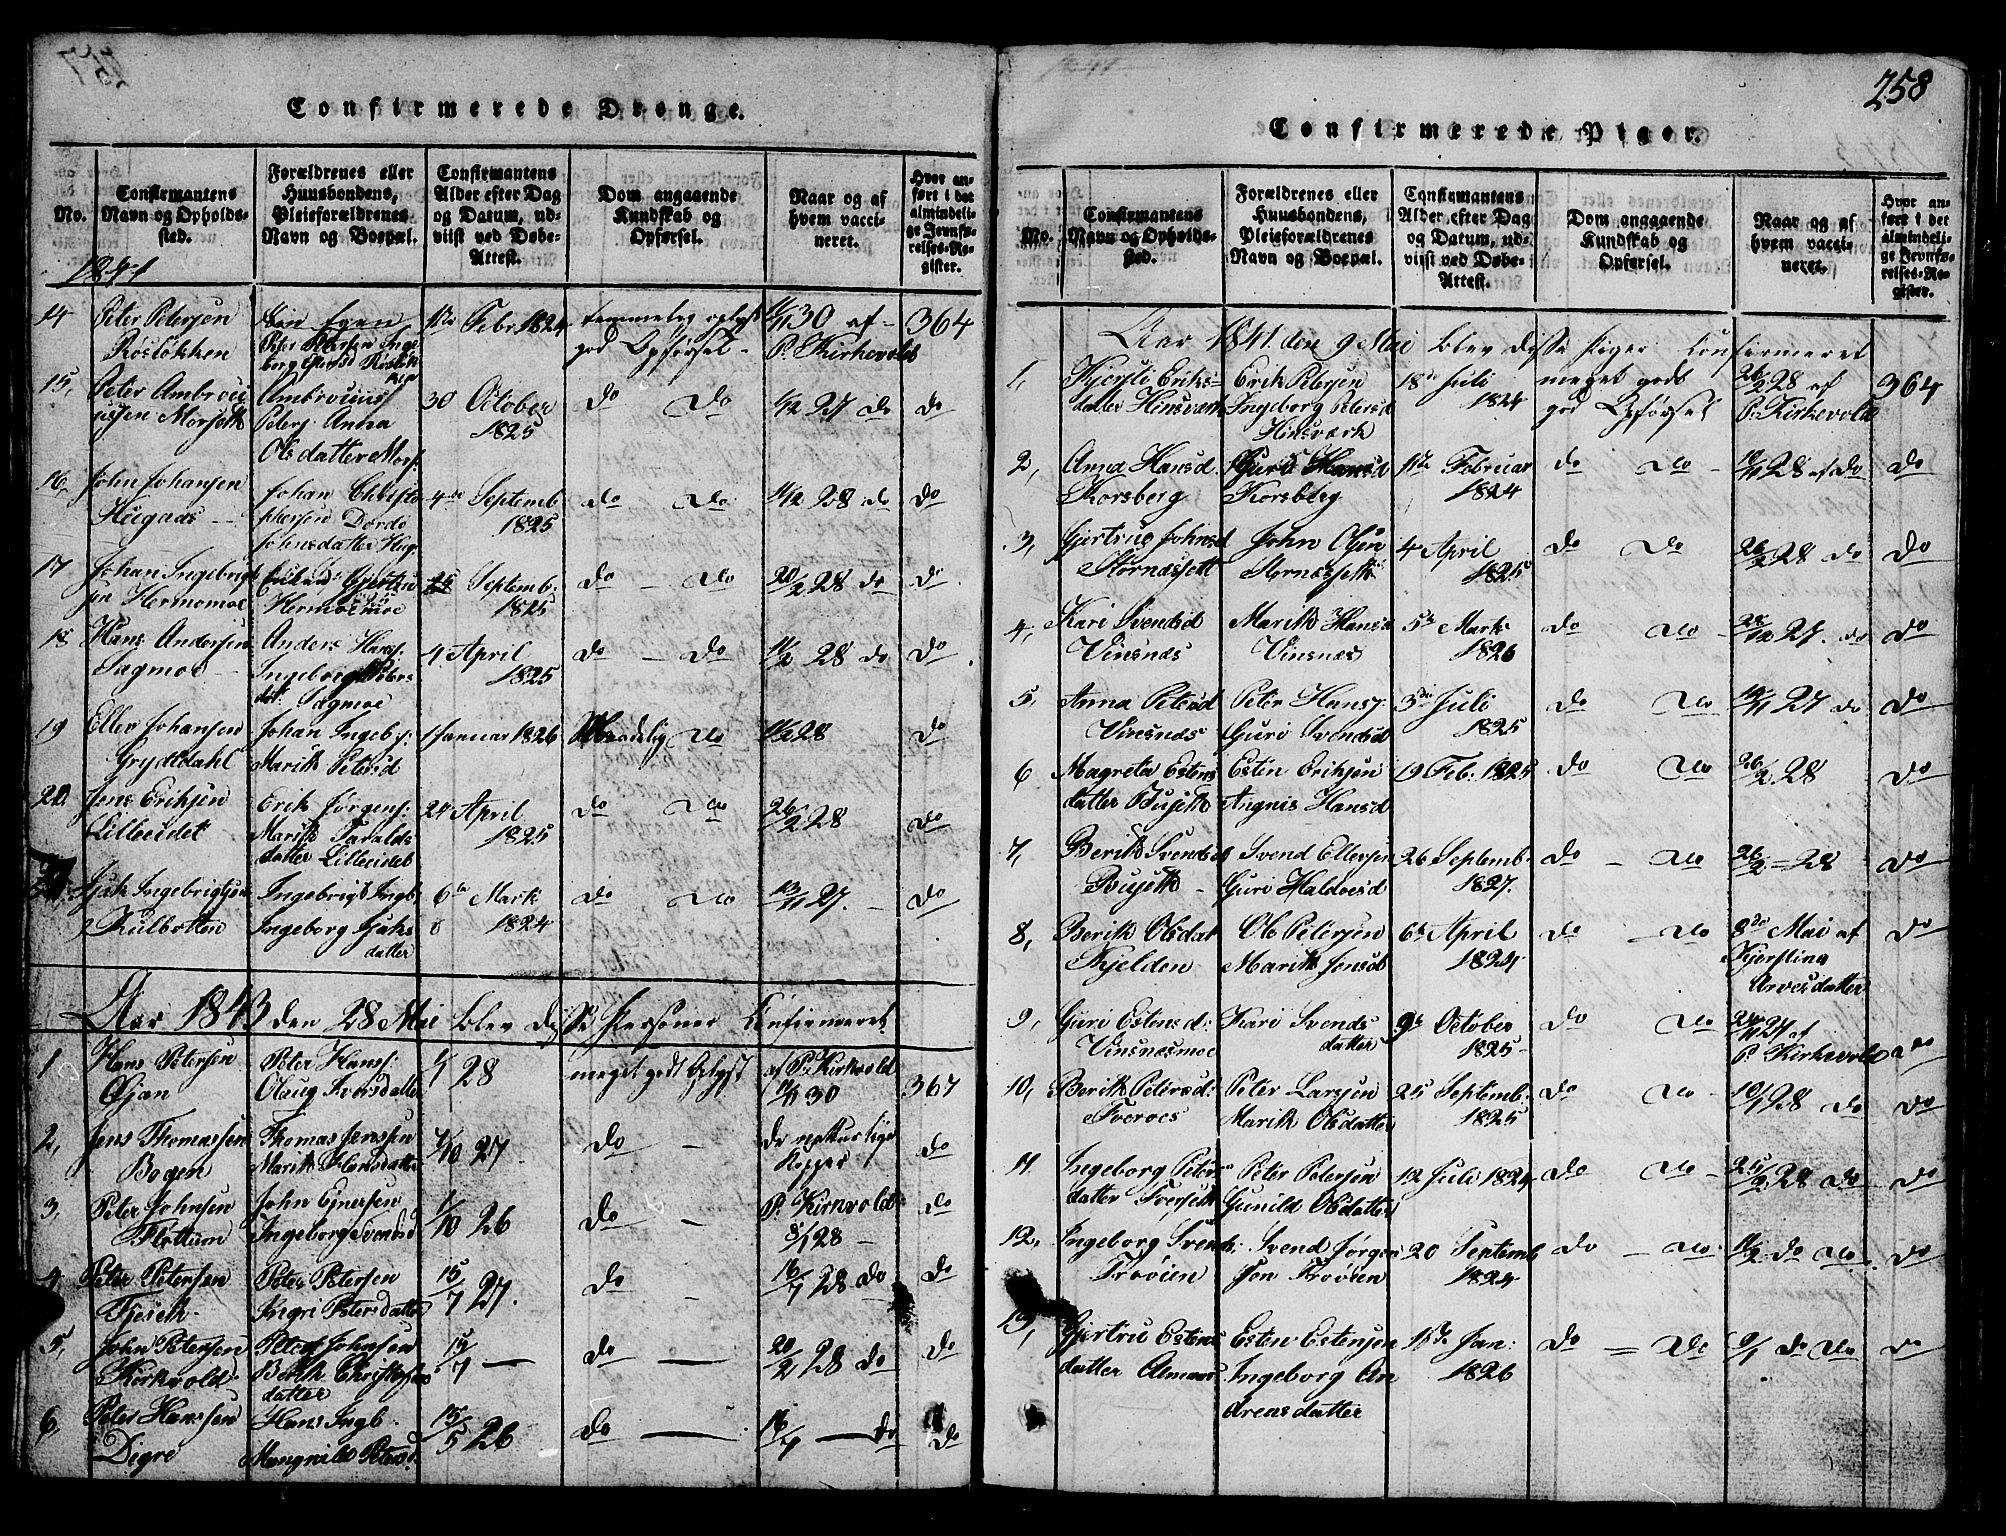 SAT, Ministerialprotokoller, klokkerbøker og fødselsregistre - Sør-Trøndelag, 688/L1026: Klokkerbok nr. 688C01, 1817-1860, s. 258